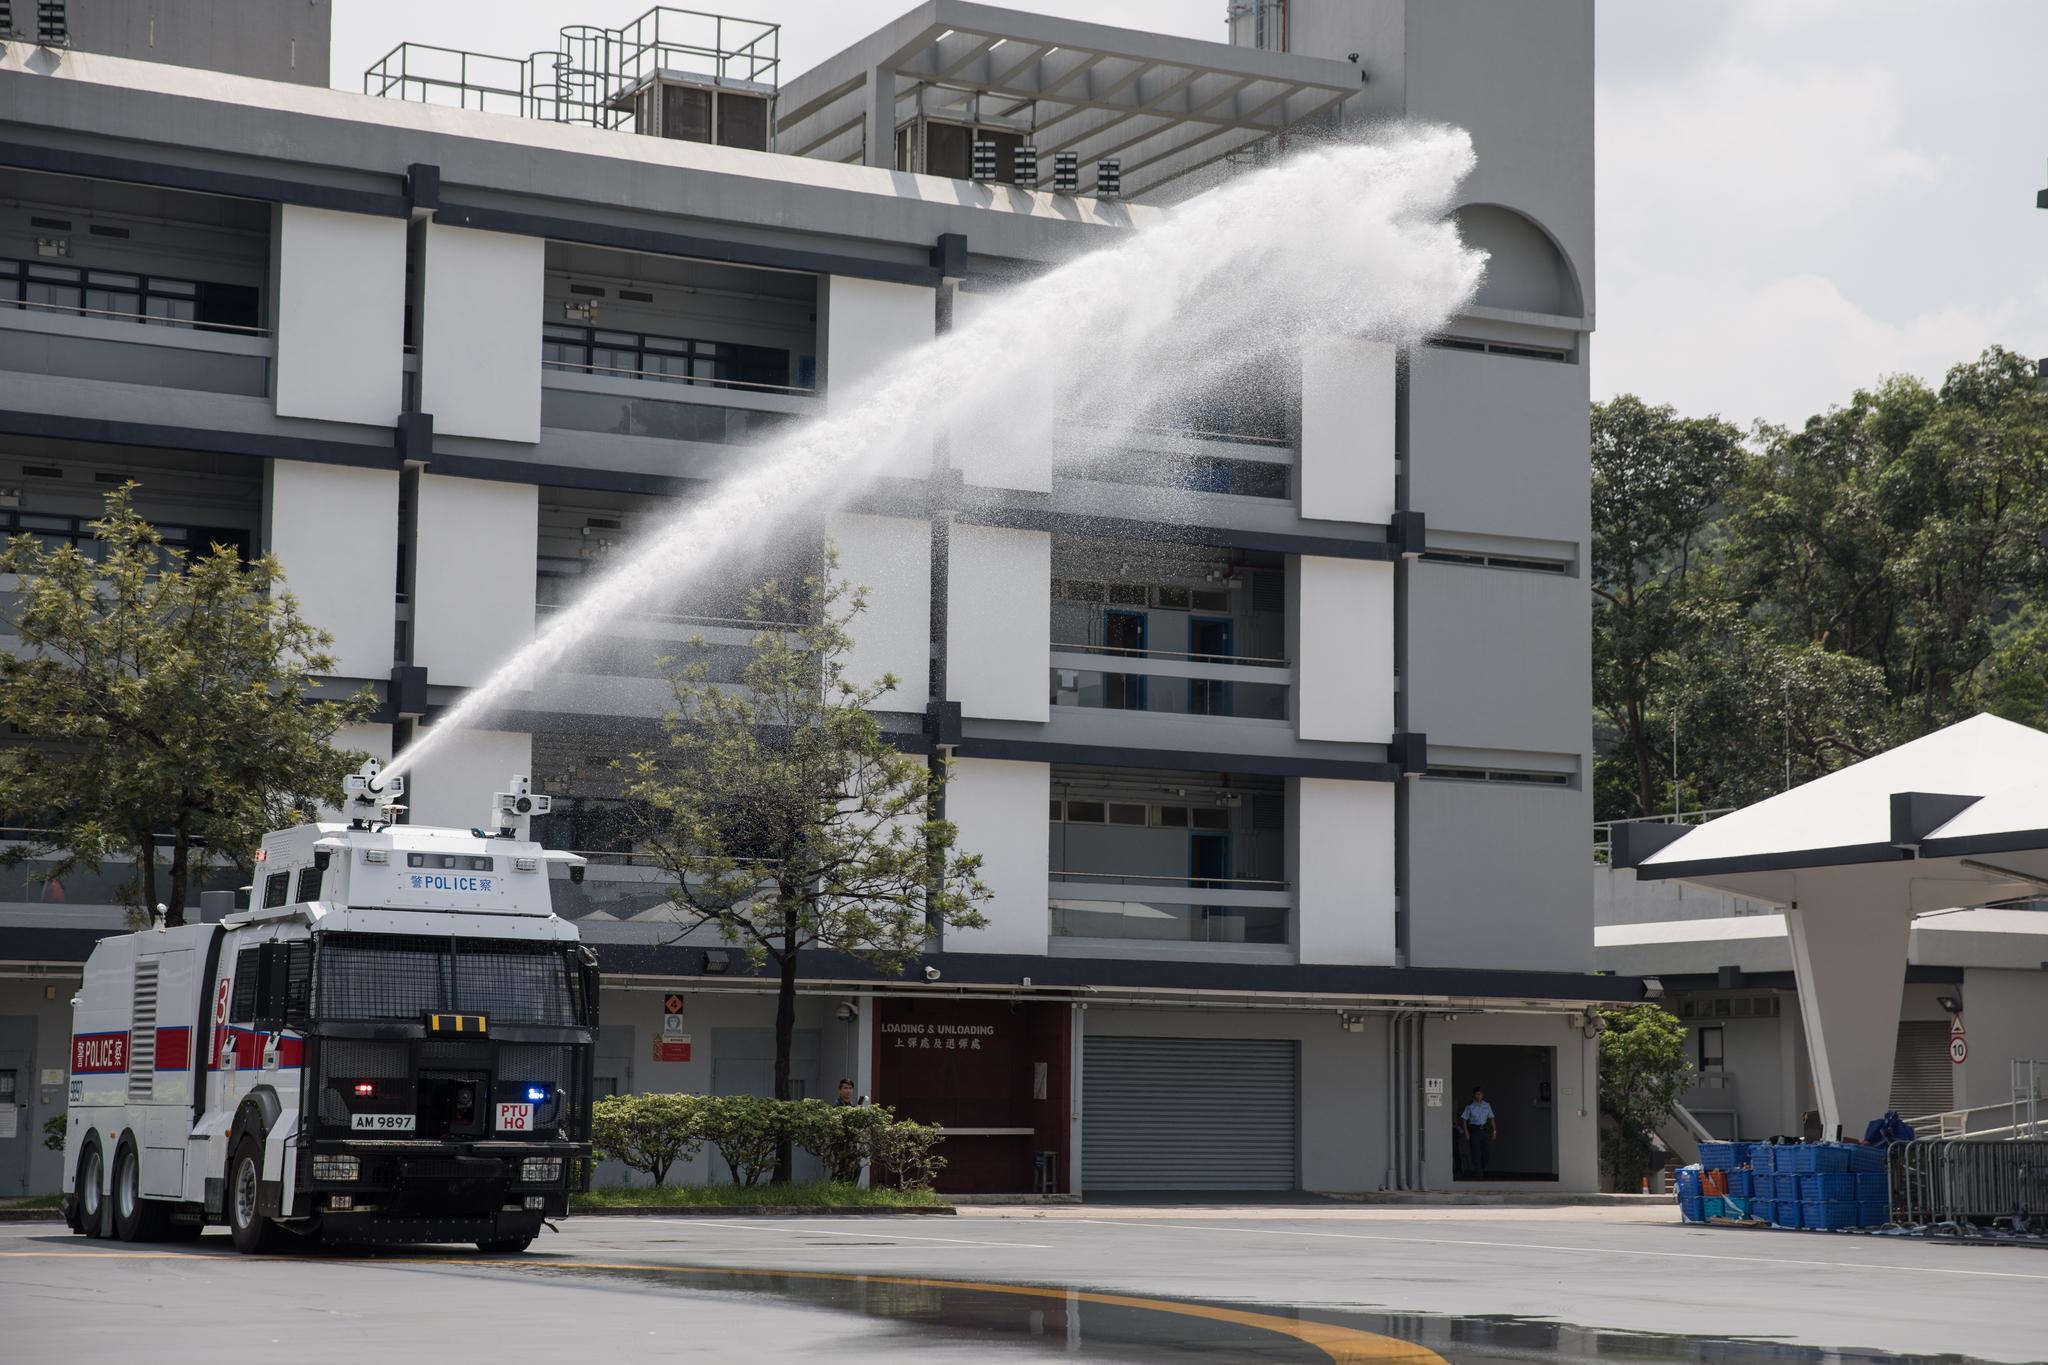 홍콩 경찰이 지난 12일 물대포차를 시험하고 있다. 메인 대포는 50m까지 물을 쏠 수 있다. 홍콩 경찰은 물대포차에 염료를 섞어 시위대 체포에 이용하는 것을 검토 중이다. [EPA=연합뉴스]